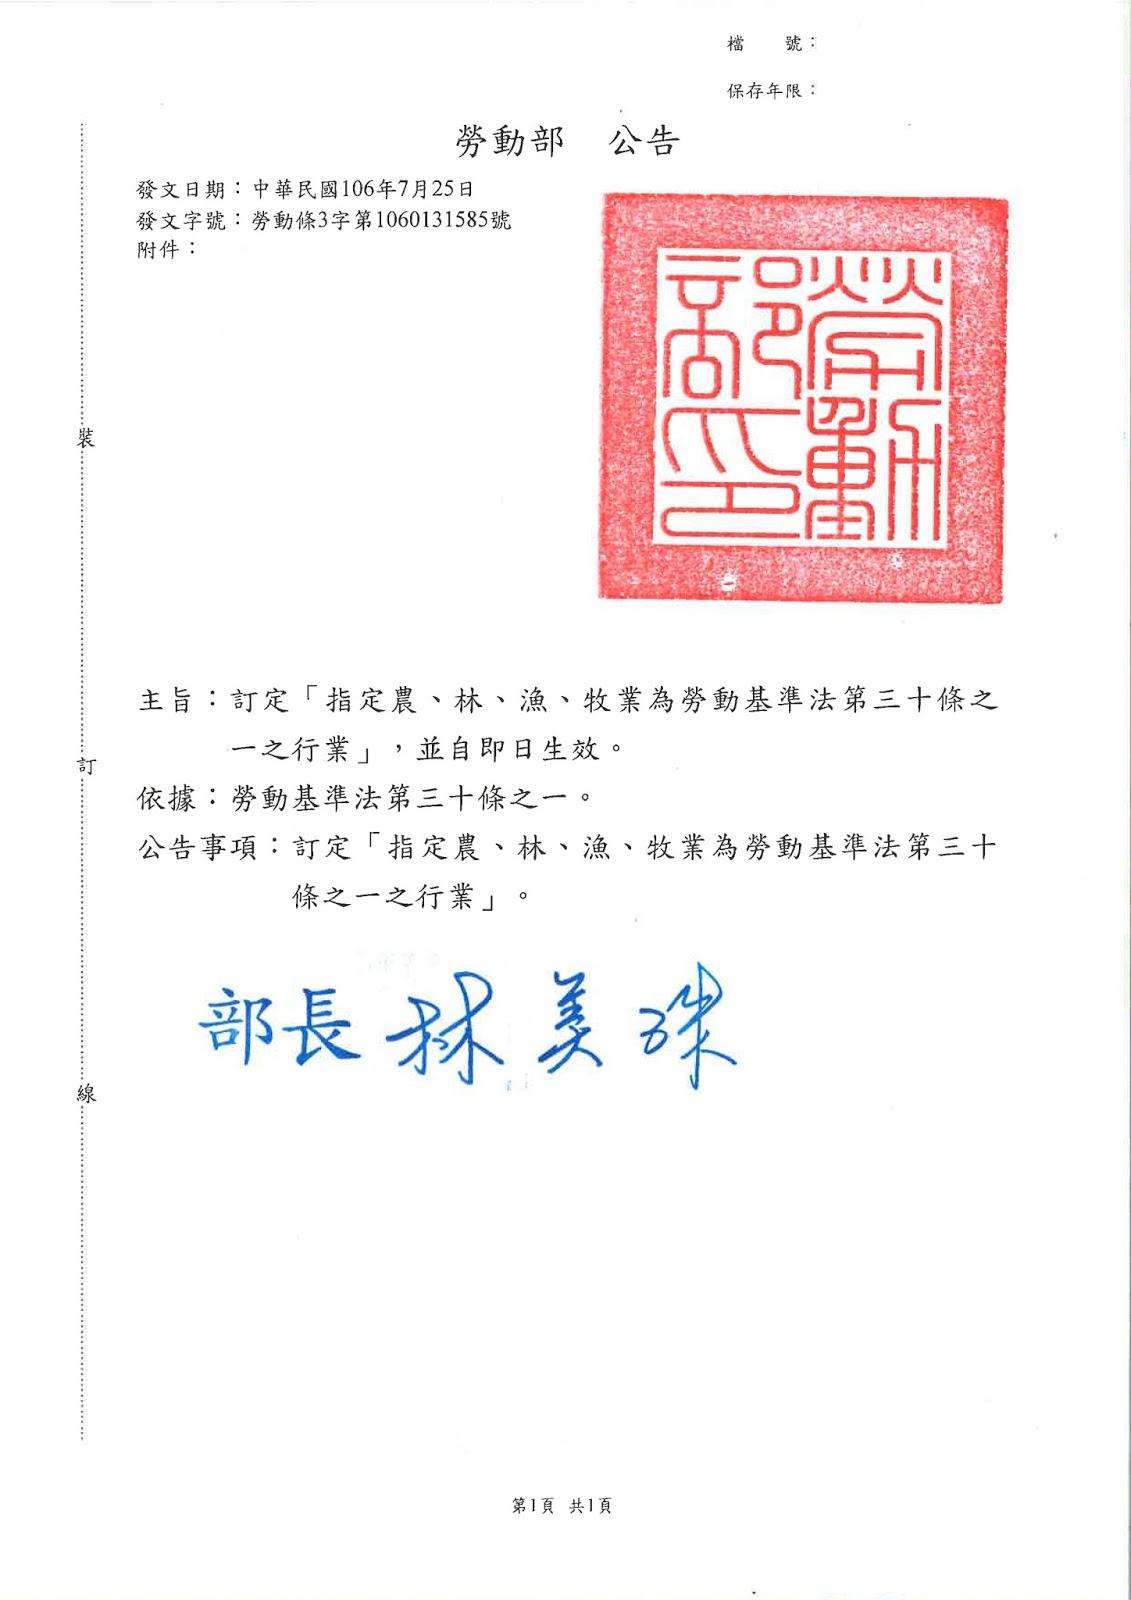 勞動部106年7月25日勞動條3字第1060131585號函